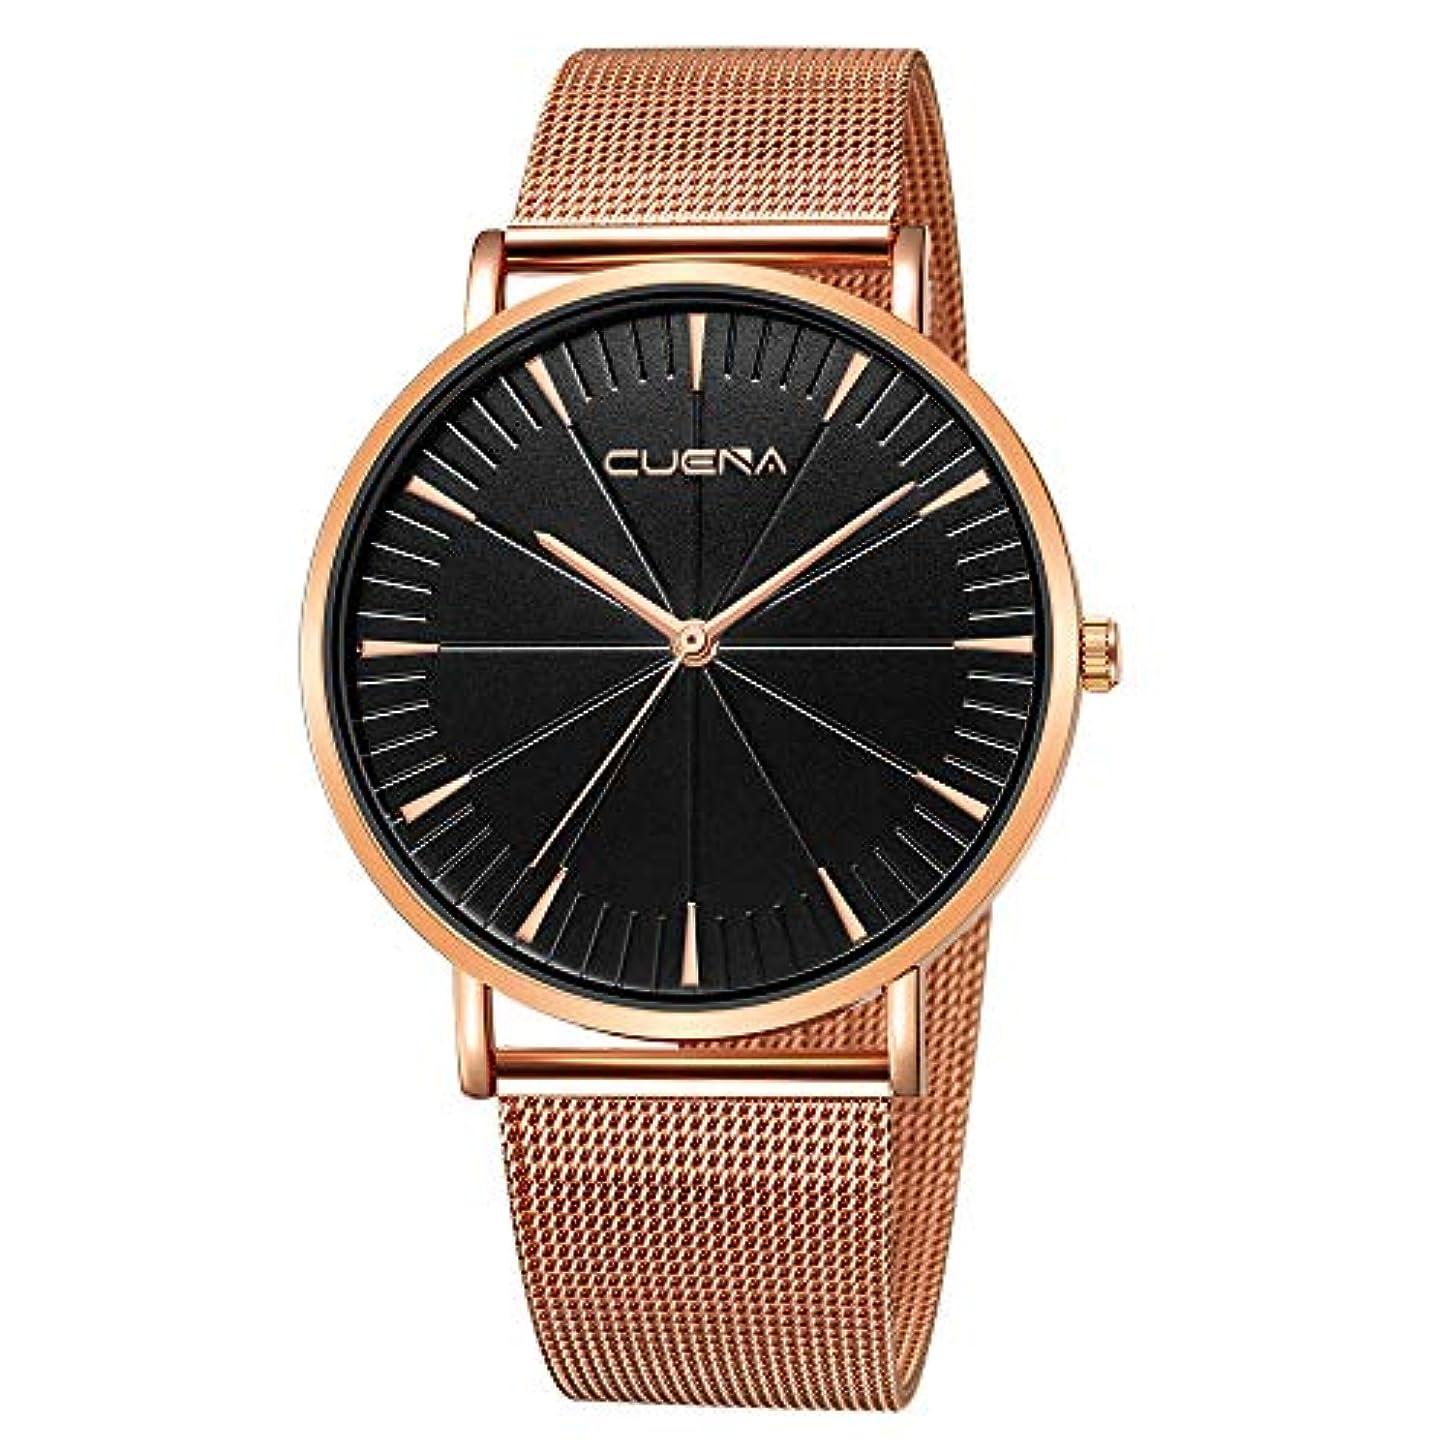 便宜ペースト試みるRencaifeinimo2019年最新 紳士用 超薄型 男女兼用 多機能 腕時計 人気 平日 ファッション メンズファッションミリタリーステンレススチールアナログスポーツクォーツビジネス腕時計